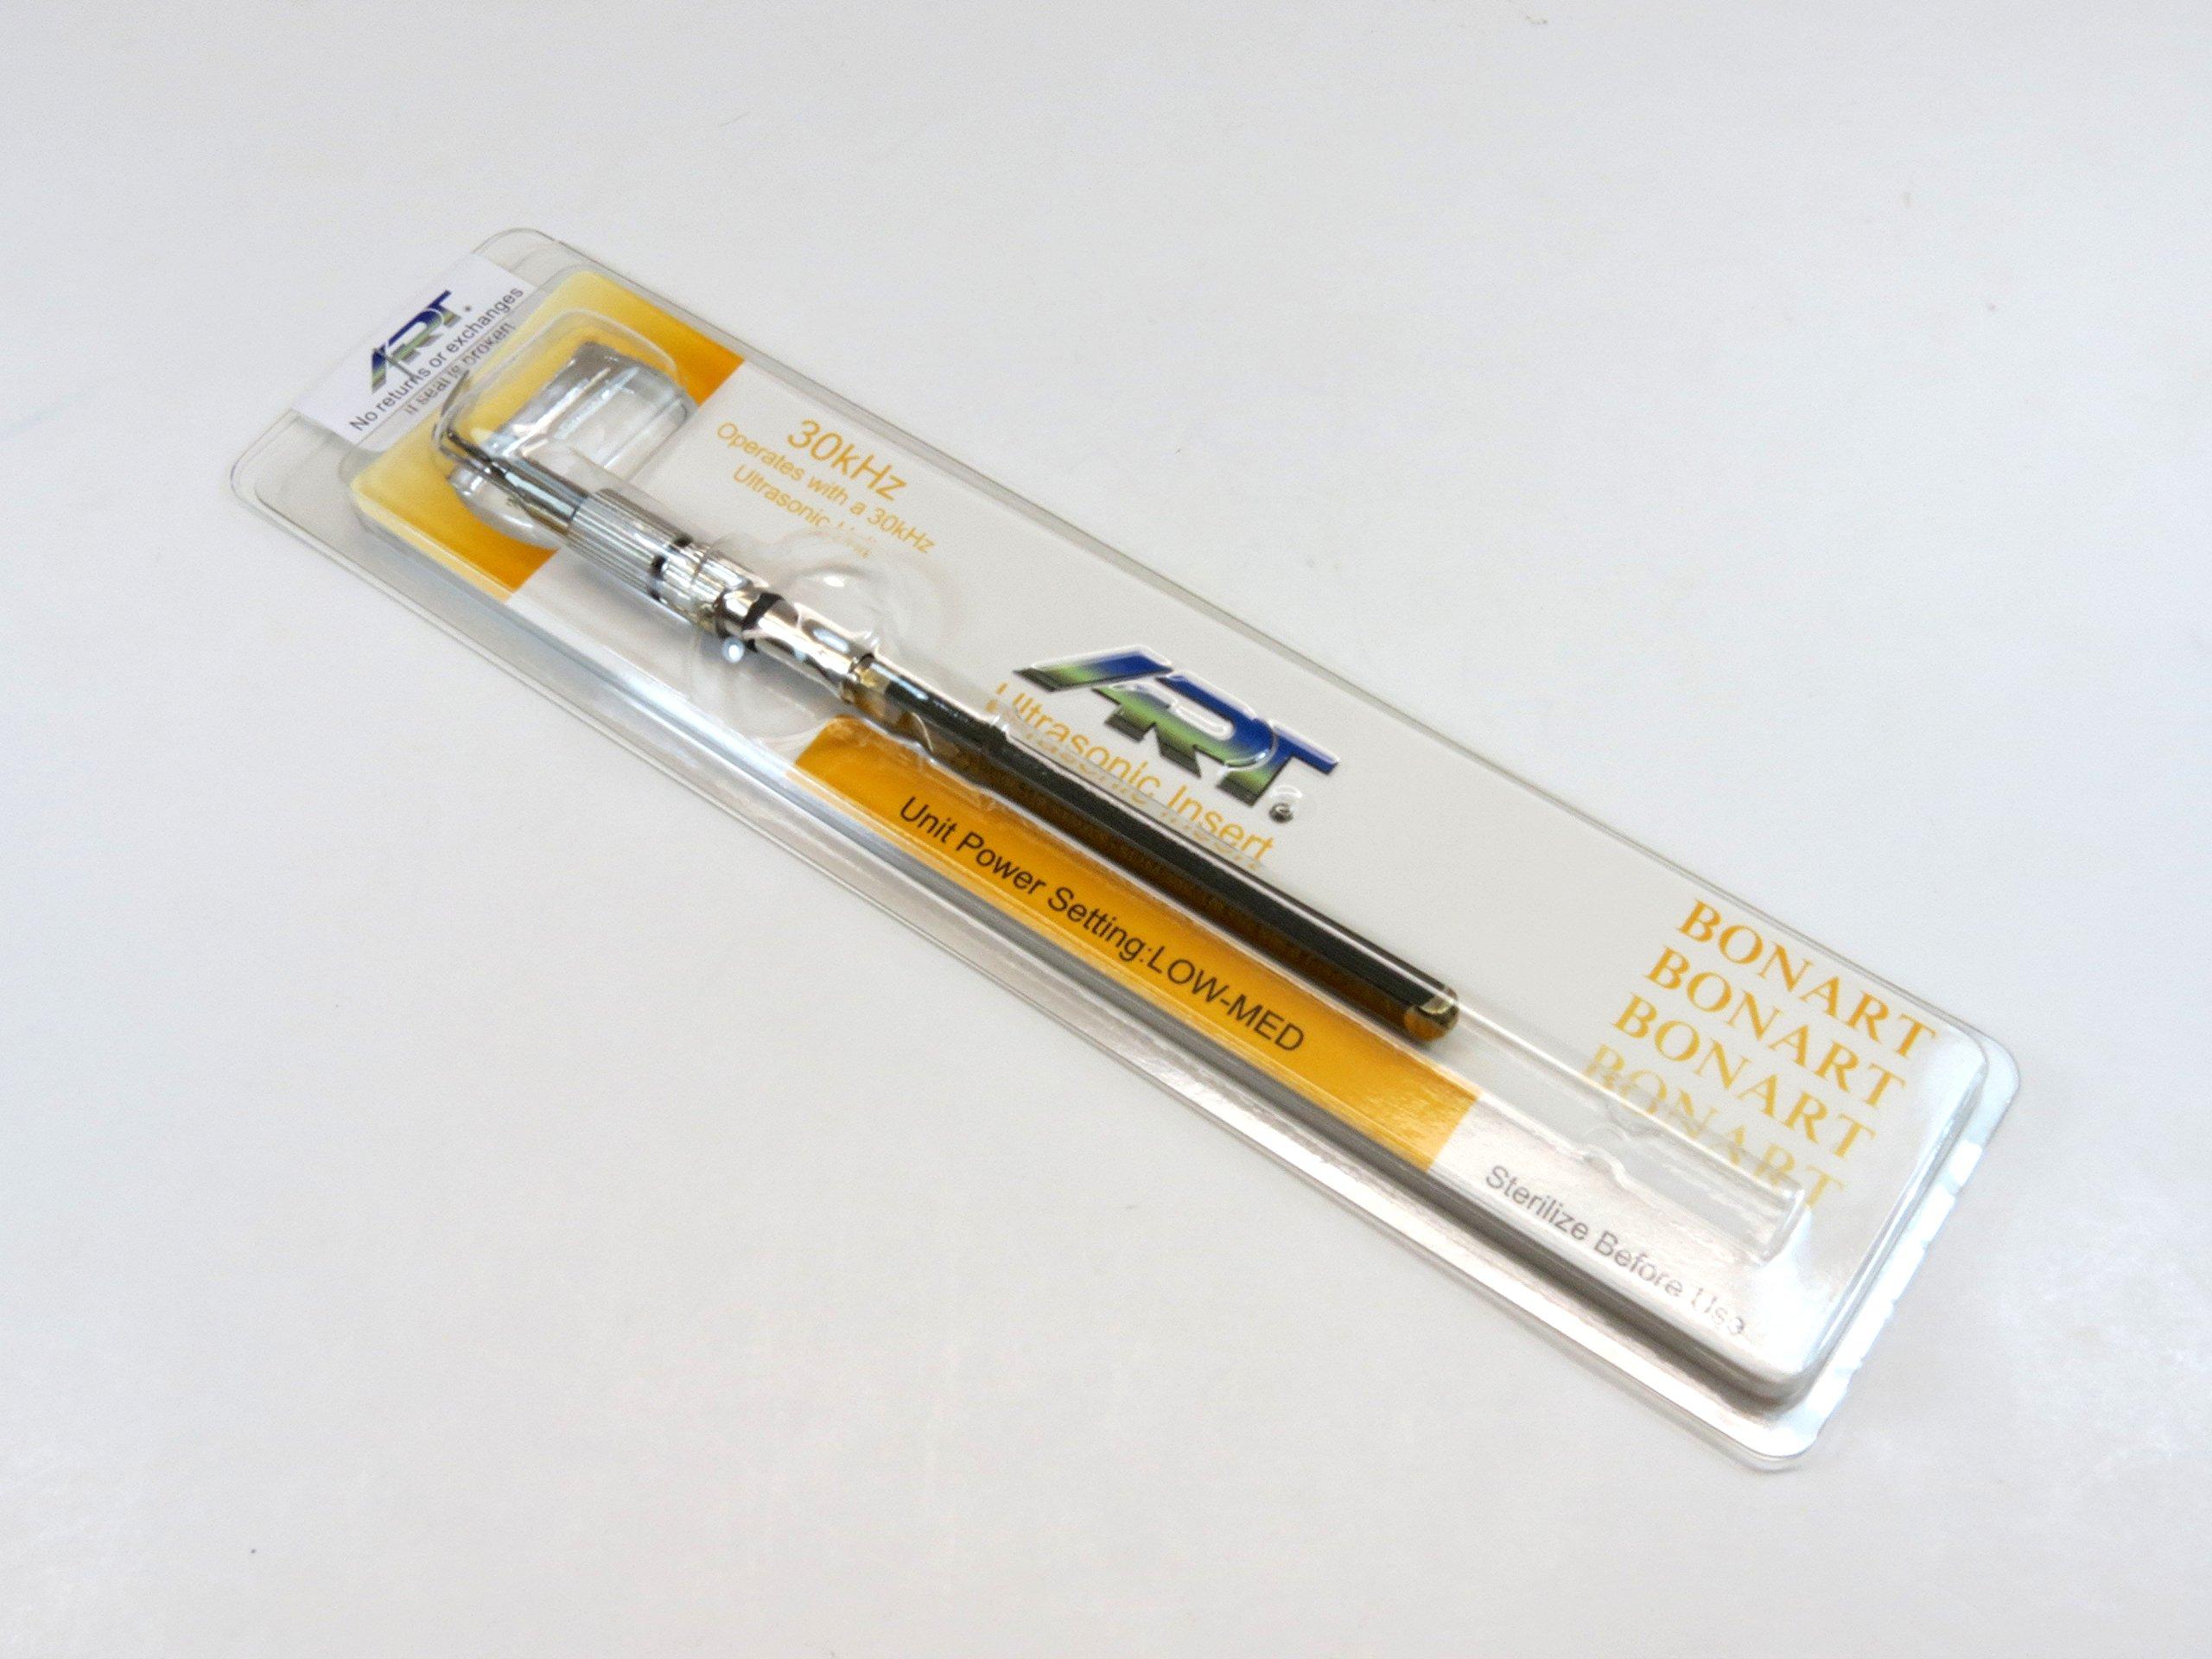 Dental Medical Cavitron Ultrasonic 30 kHz Insert P-100 Slim Series Tip BONART